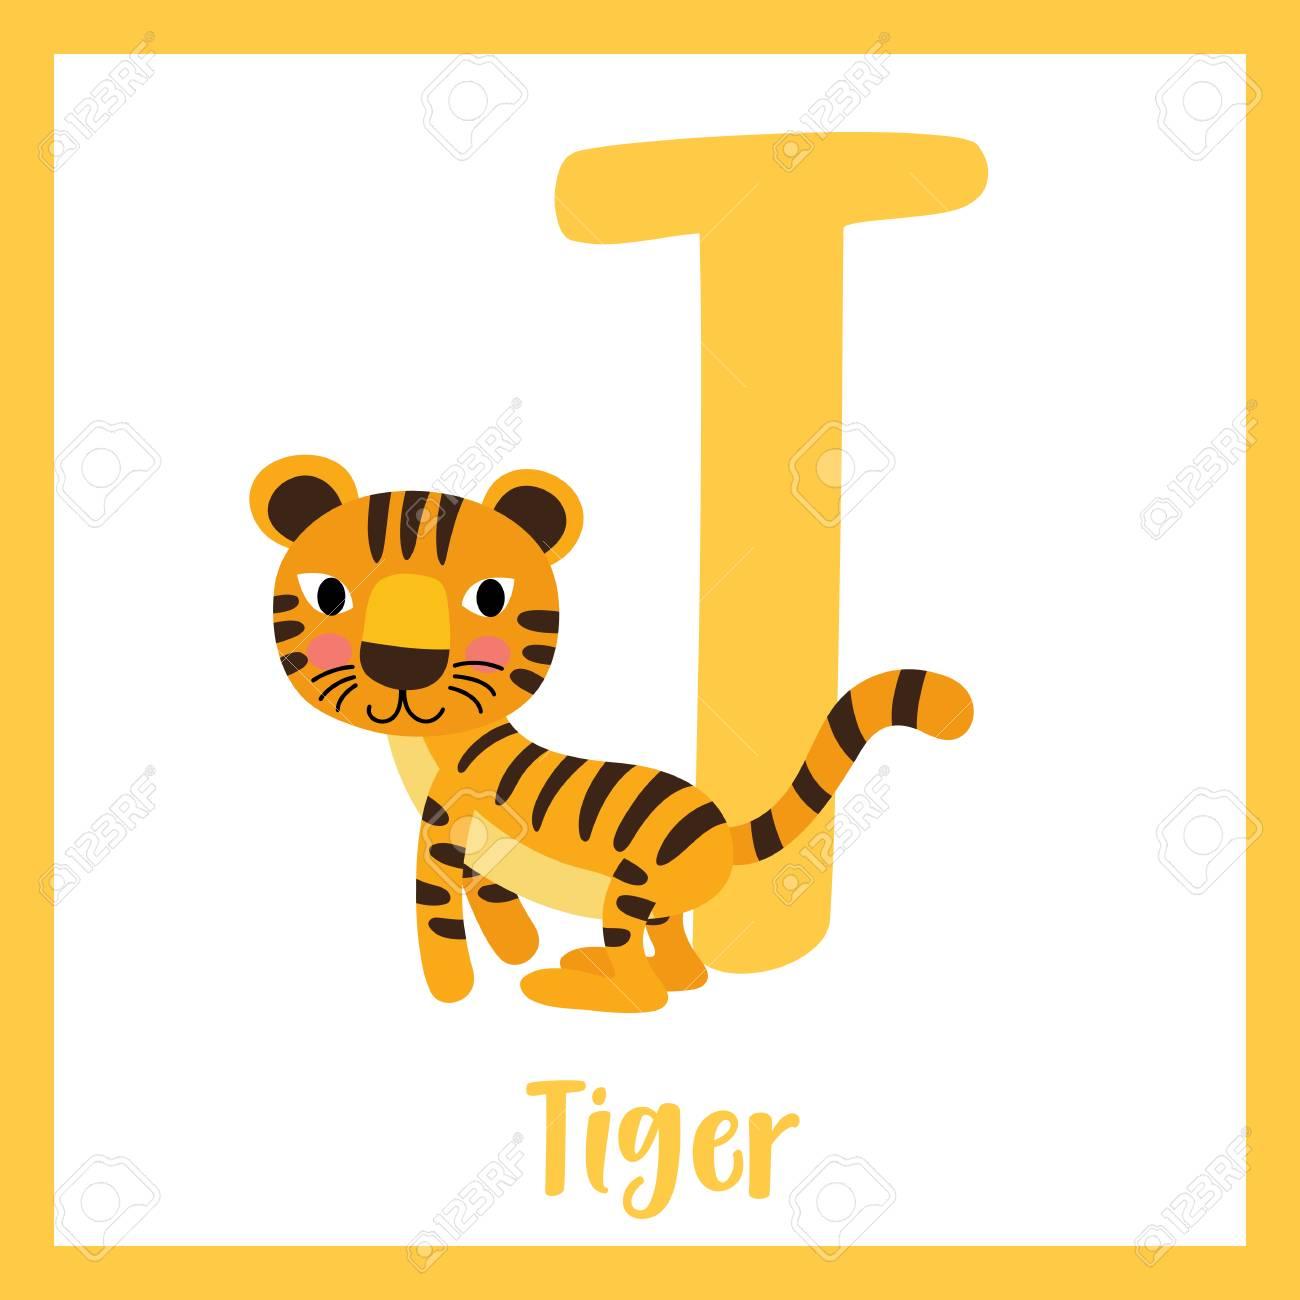 Vocabulario De Letra T Tigre Tarjeta Linda De Los Niños Del Alfabeto Del Alfabeto De Abc De Los Niños Animal De Divertidos Dibujos Animados Los